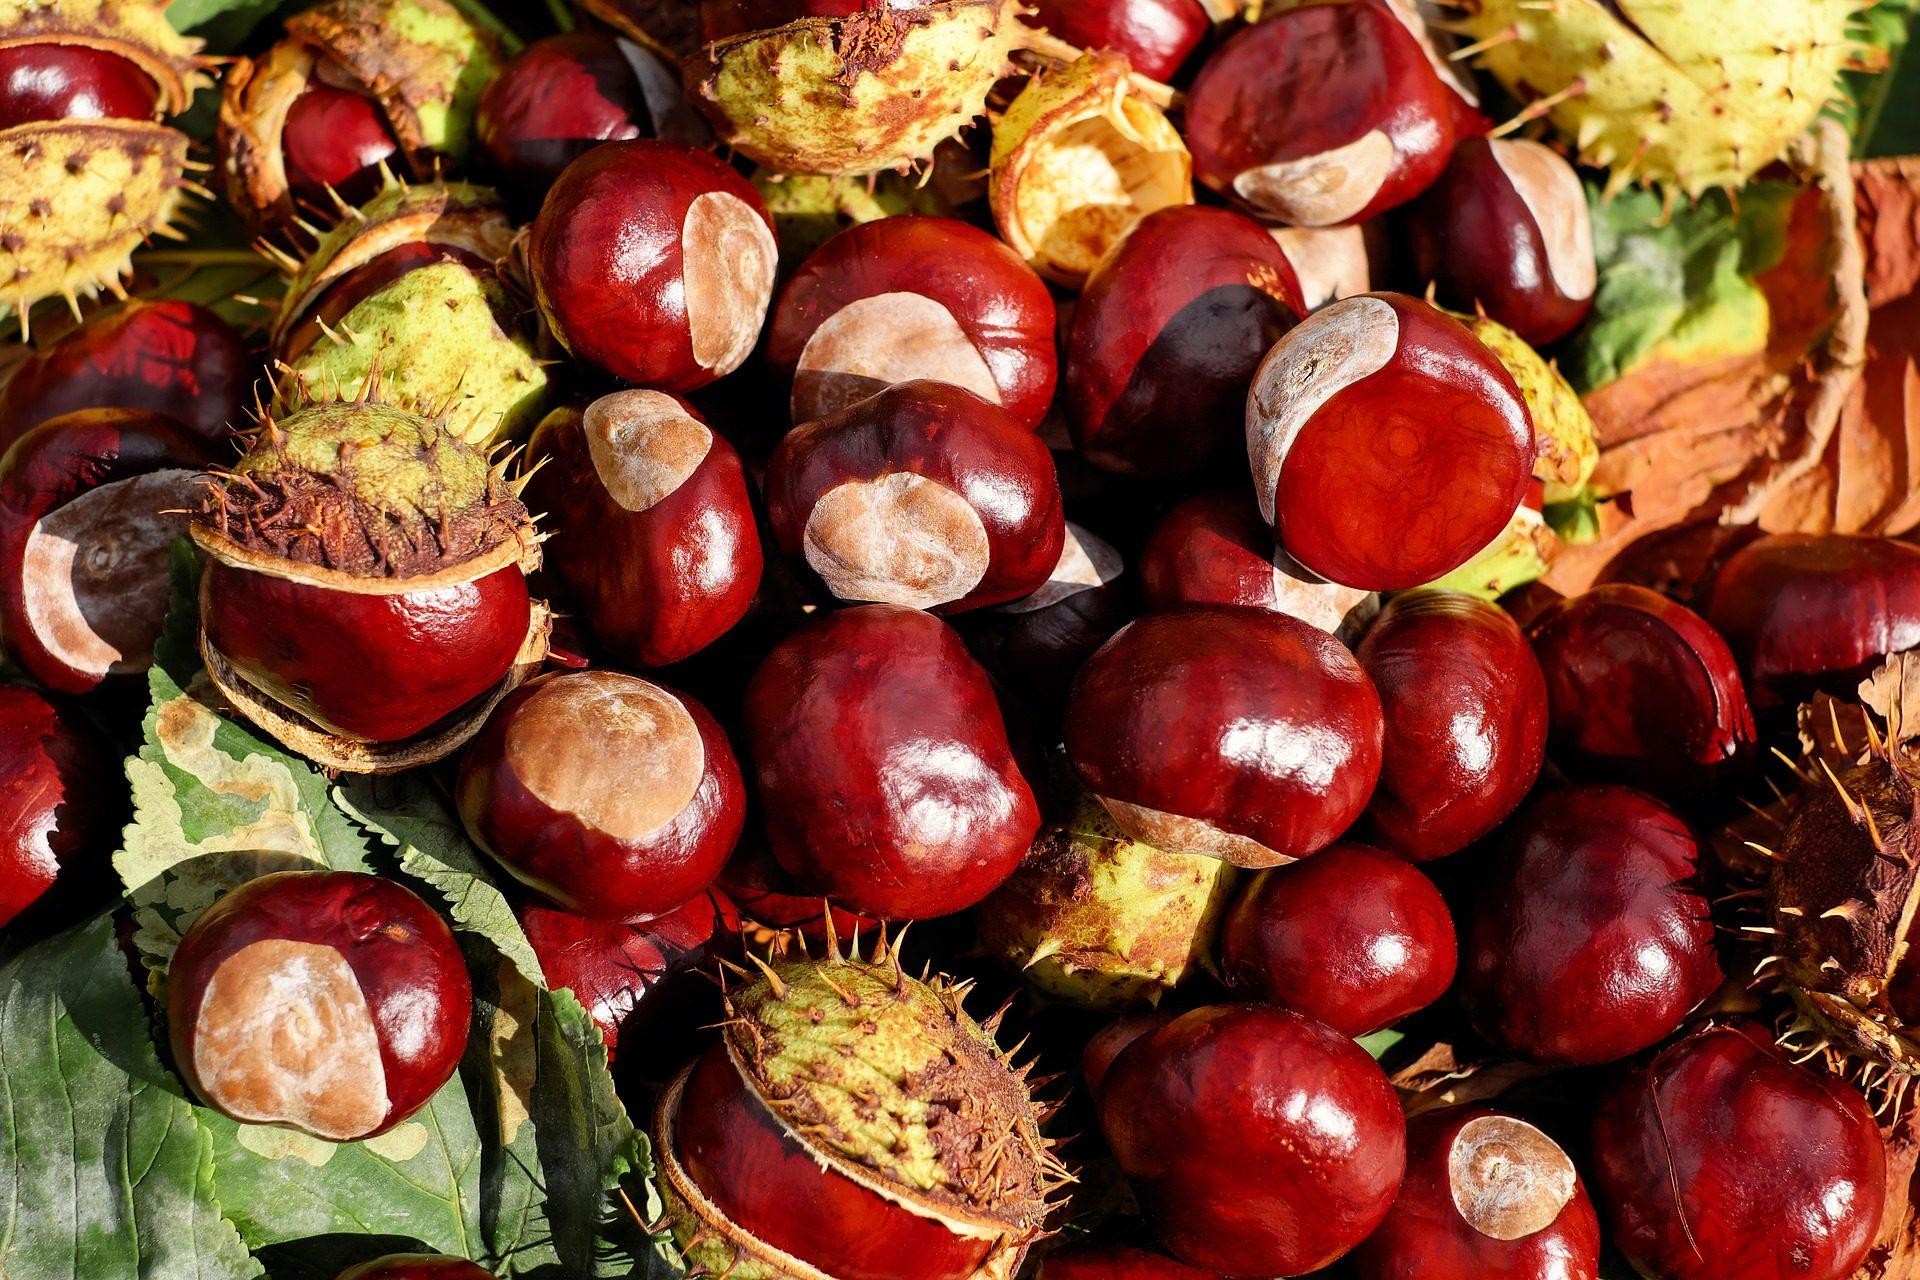 الكستناء, الفواكه, مشرق, قذائف, الخريف - خلفيات عالية الدقة - أستاذ falken.com